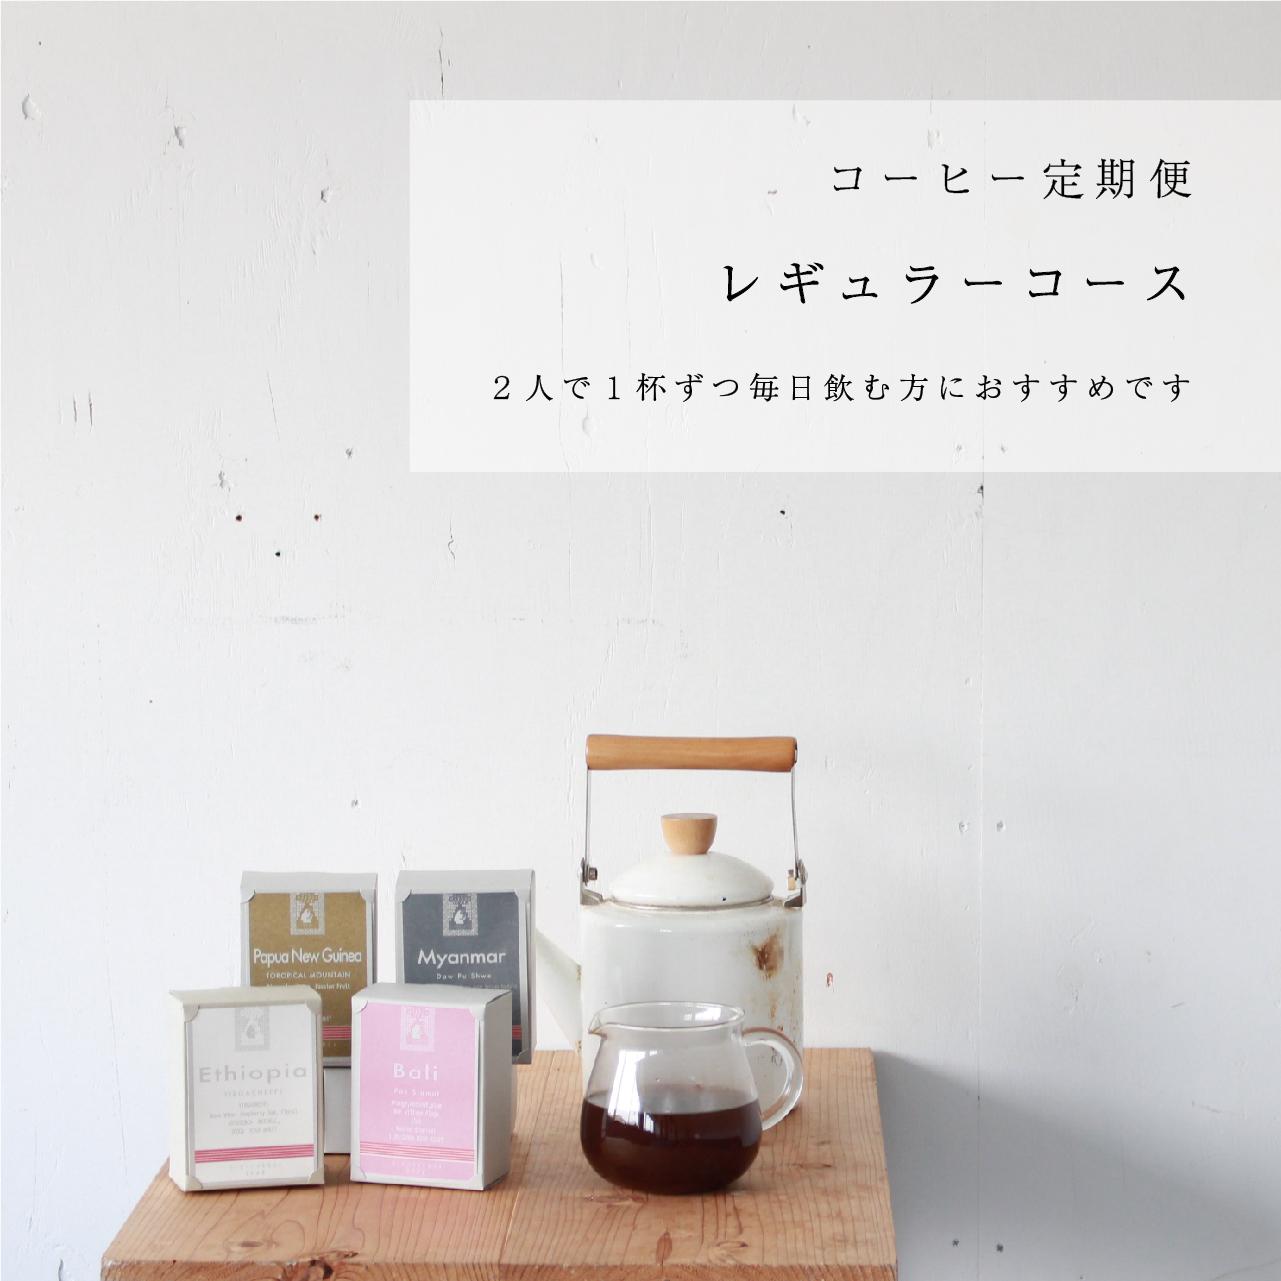 旅のコーヒー定期便「レギュラーコース」  計800g 月2回発送【送料無料】